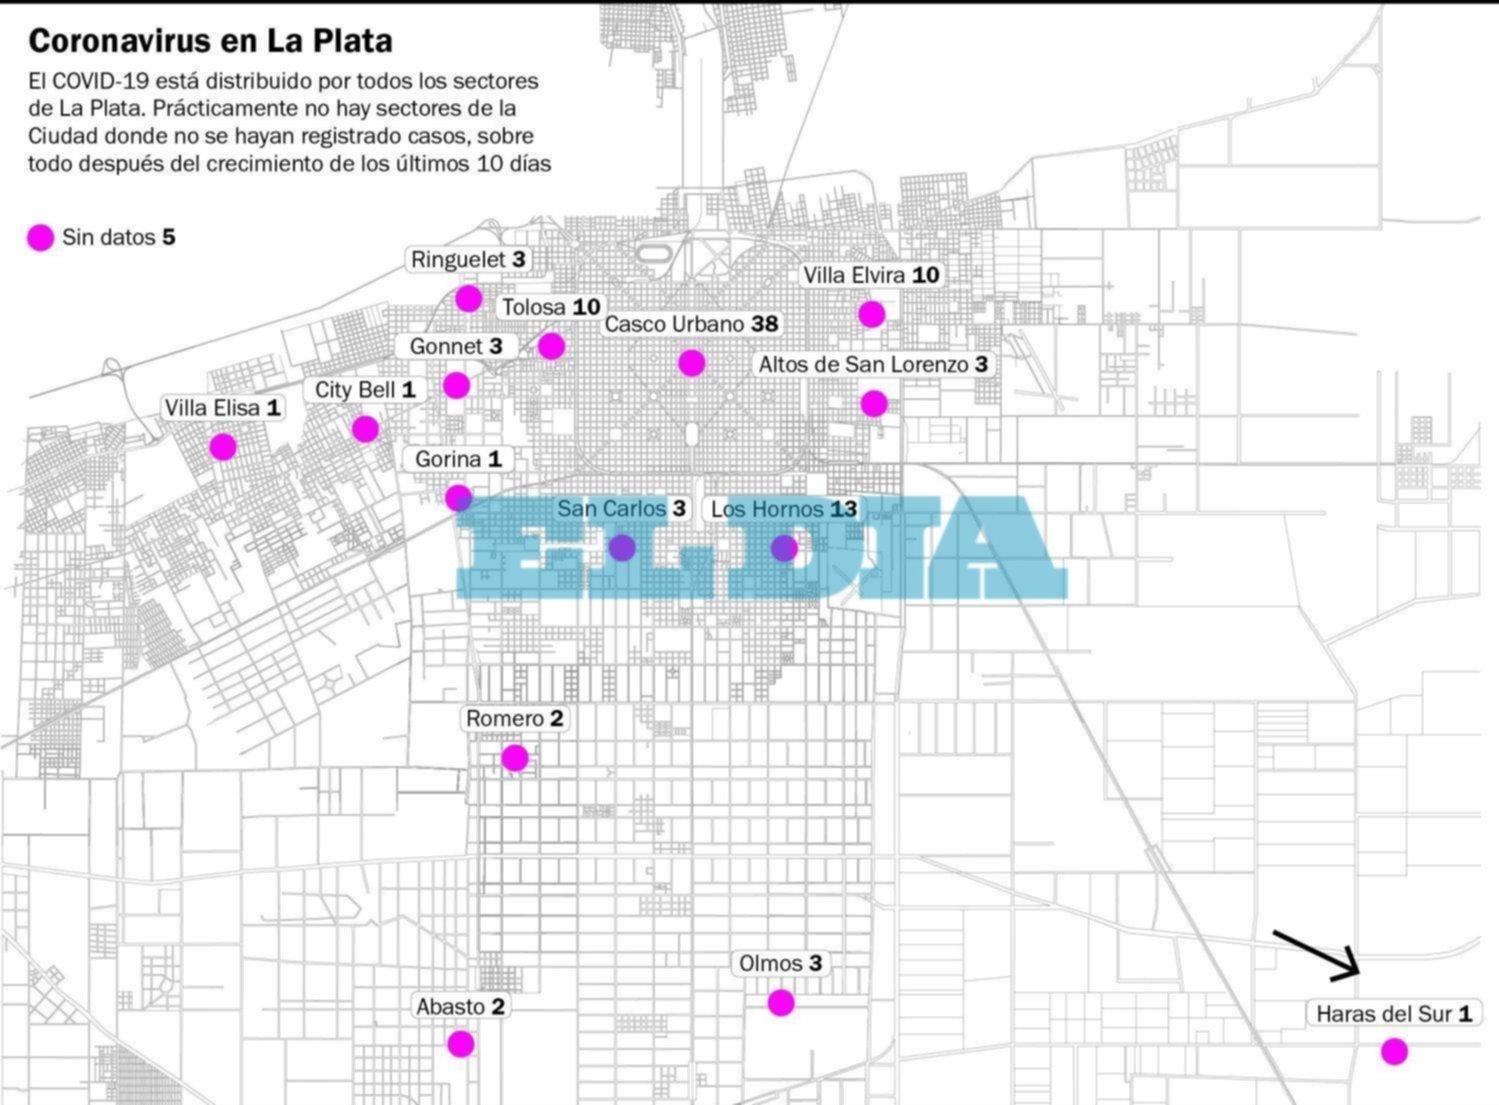 Dos nuevos contagiados de coronavirus en La Plata: mirá el mapa barrio por barrio de los 99 casos